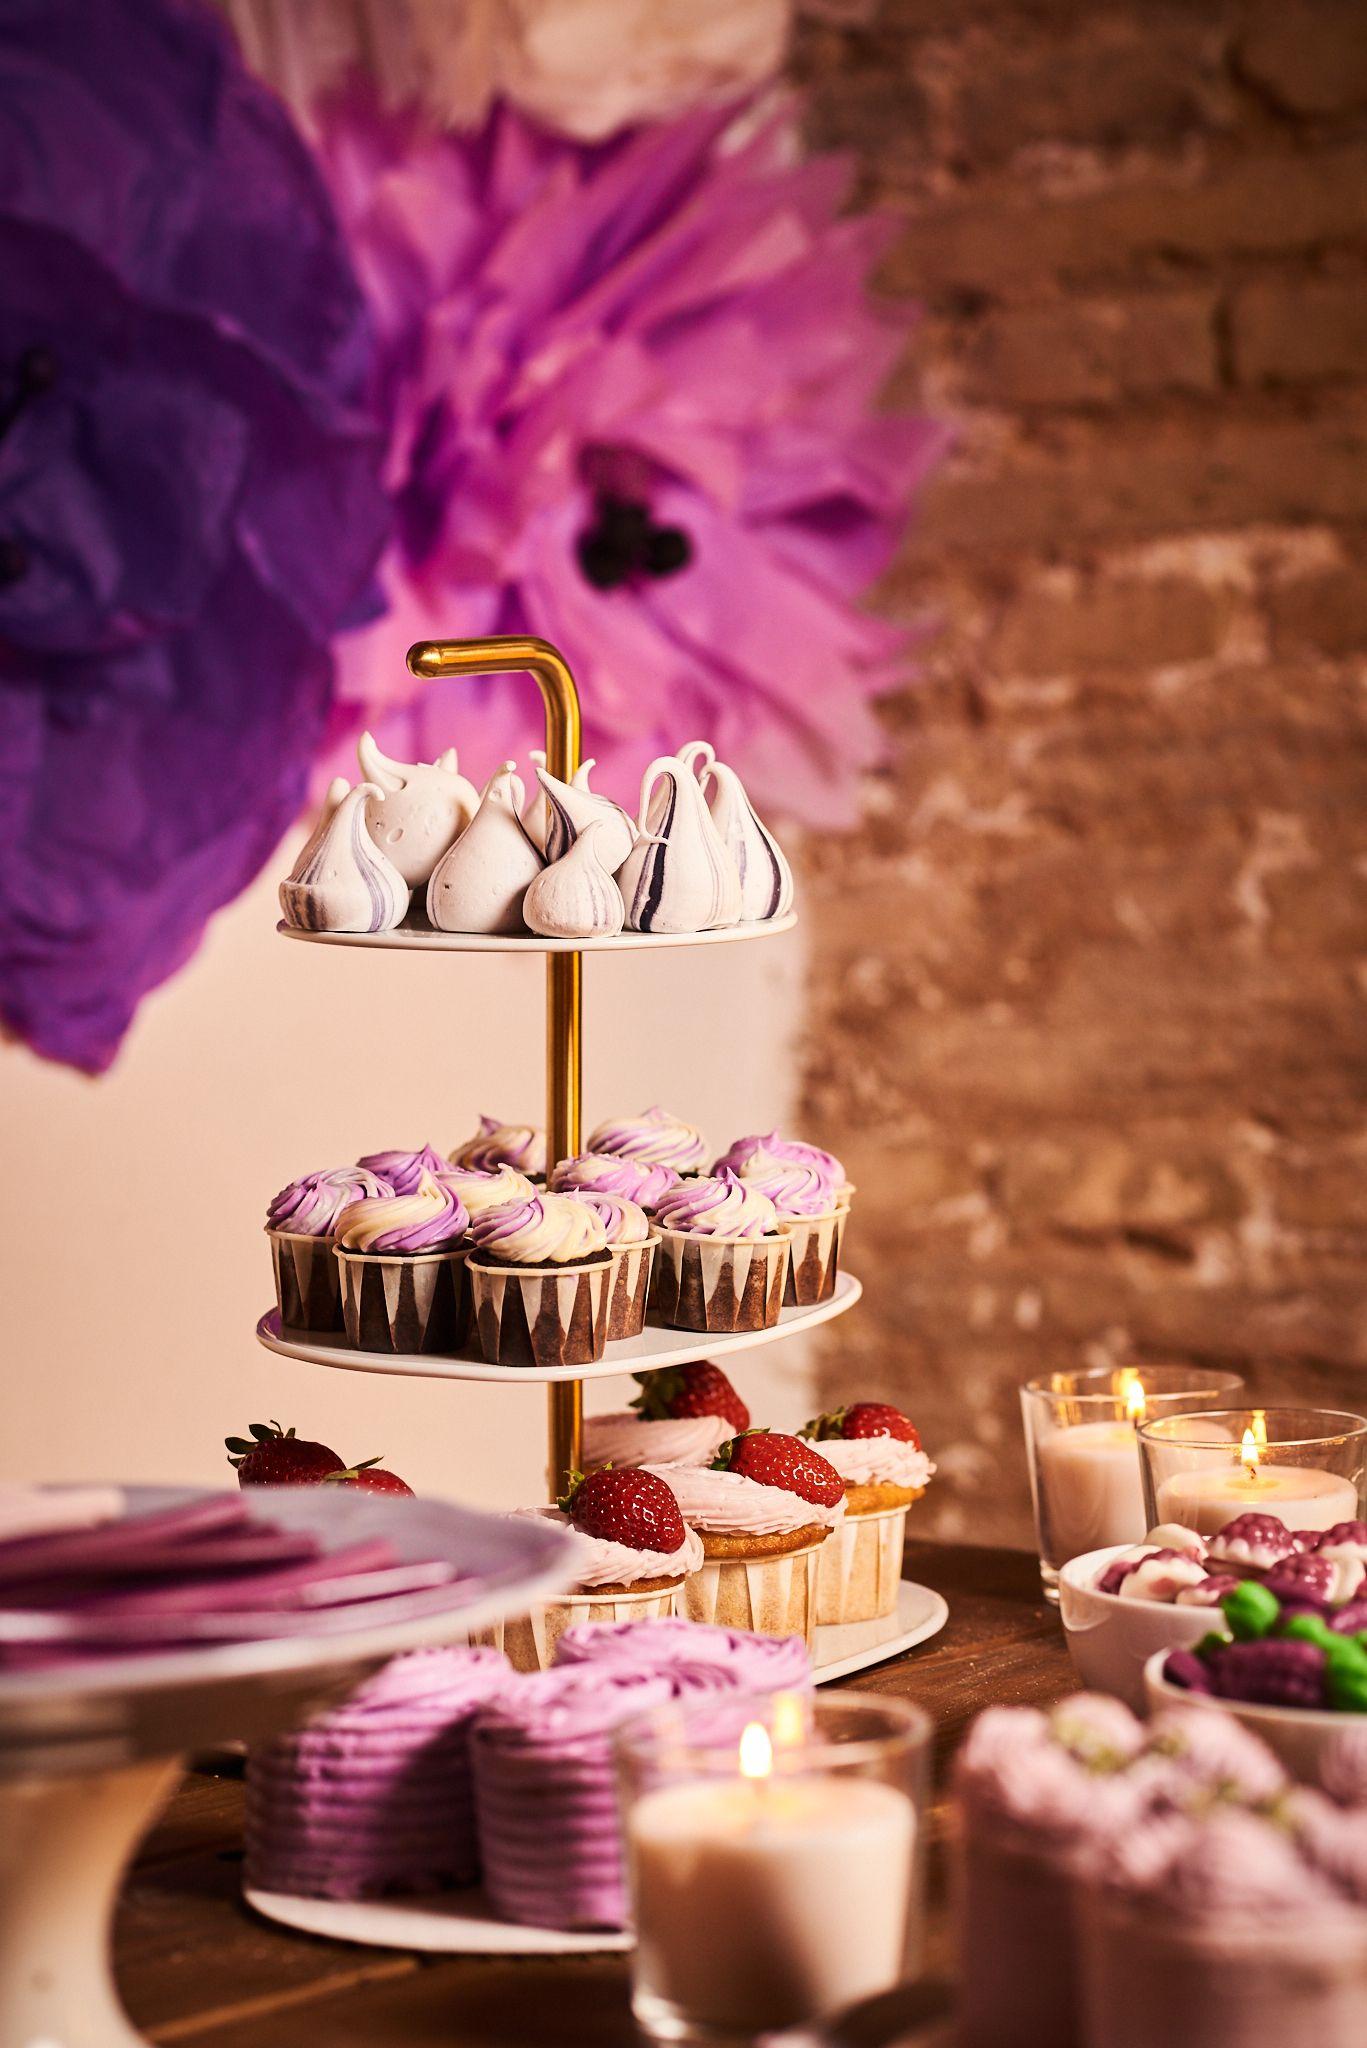 La-22Destination-Wedding22-en-Moguer-de-Lauren-y-JosC3A9-Antonio-JoseAntonio-alejandromarmol3093.jpg